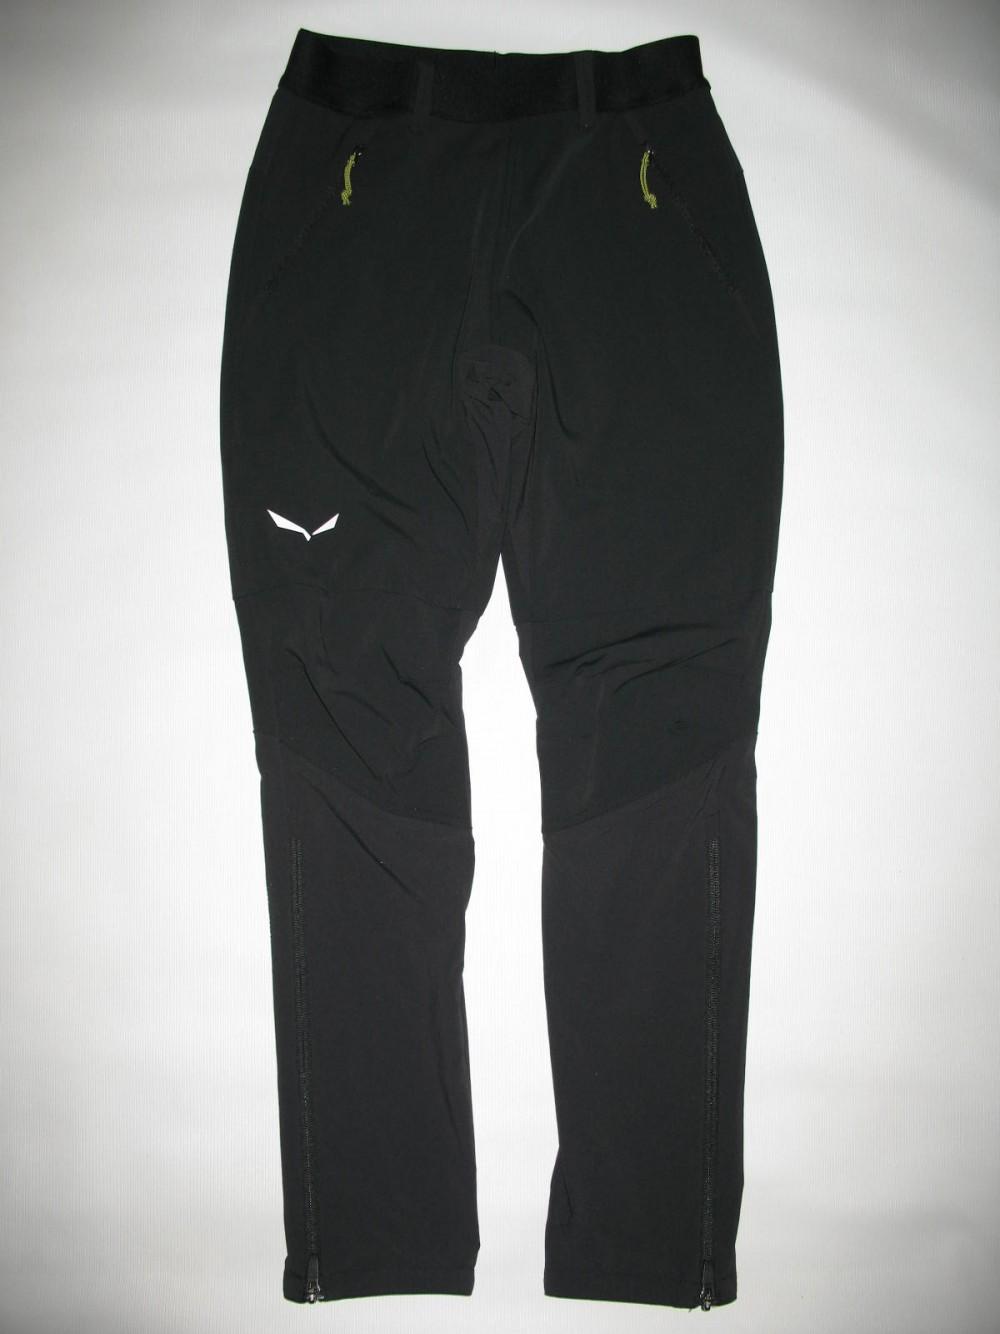 Штаны SALEWA pedroc pants lady (размер 36/S) - 1